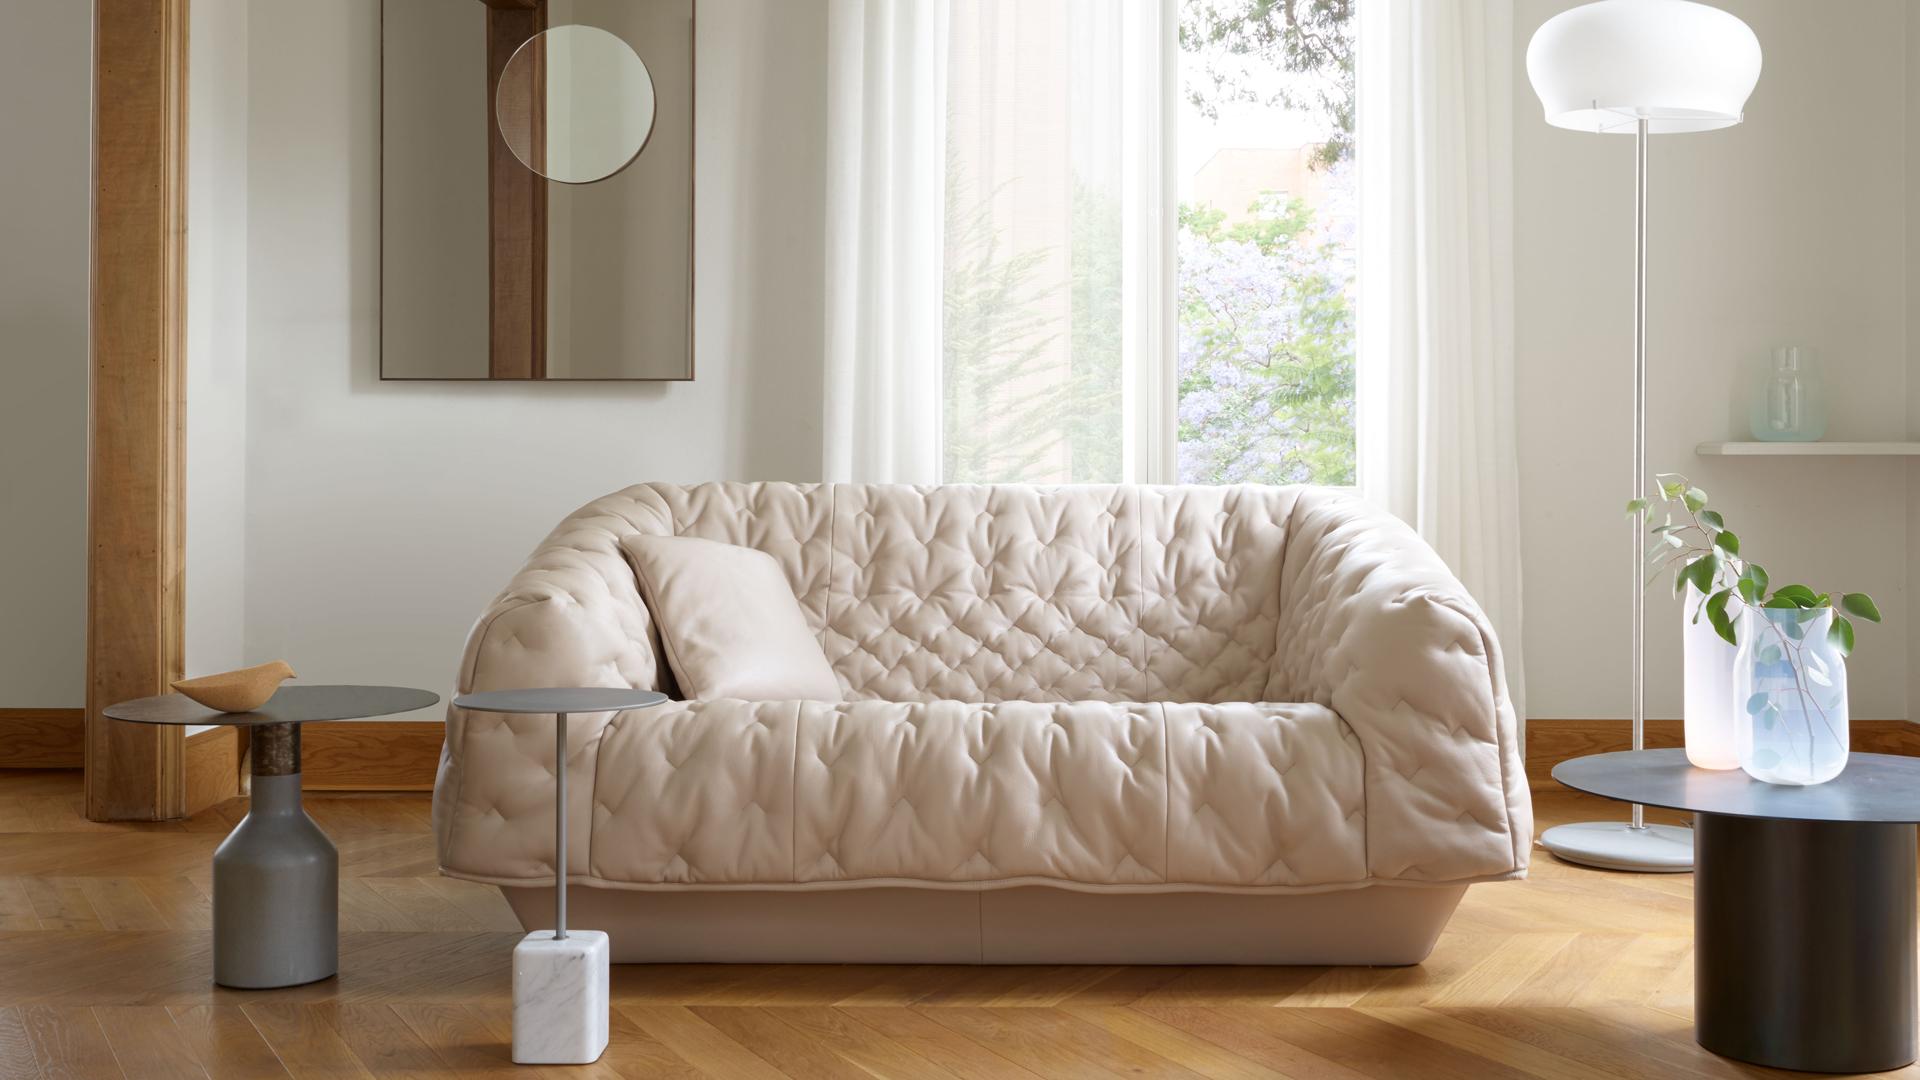 Full Size of Ligne Roset Sofa Multy Prado Bed For Sale Togo Gebraucht Second Hand Knock Off Wohnmbel 3 2 1 Sitzer Verkaufen Hocker Mondo Schlafsofa Liegefläche 160x200 Mit Sofa Ligne Roset Sofa